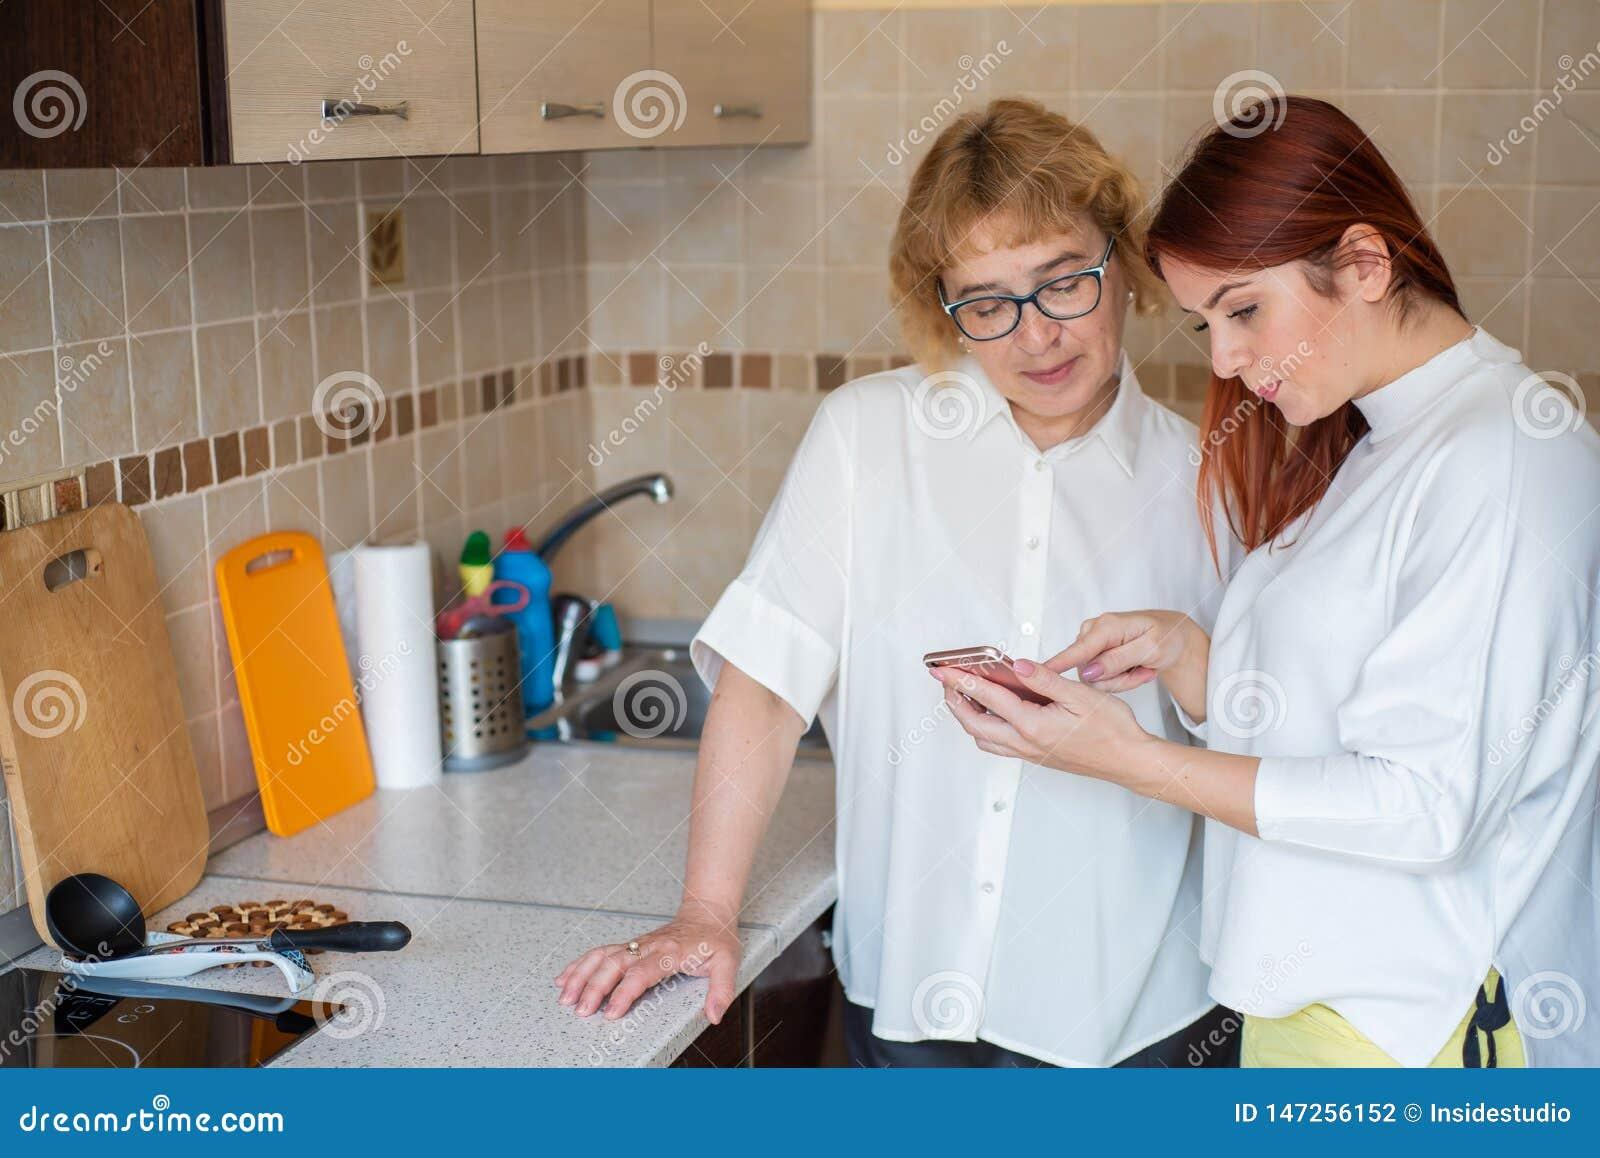 红发妇女教一个年长母亲如何使用智能手机 在白色女衬衫和成人女儿打扮的母亲